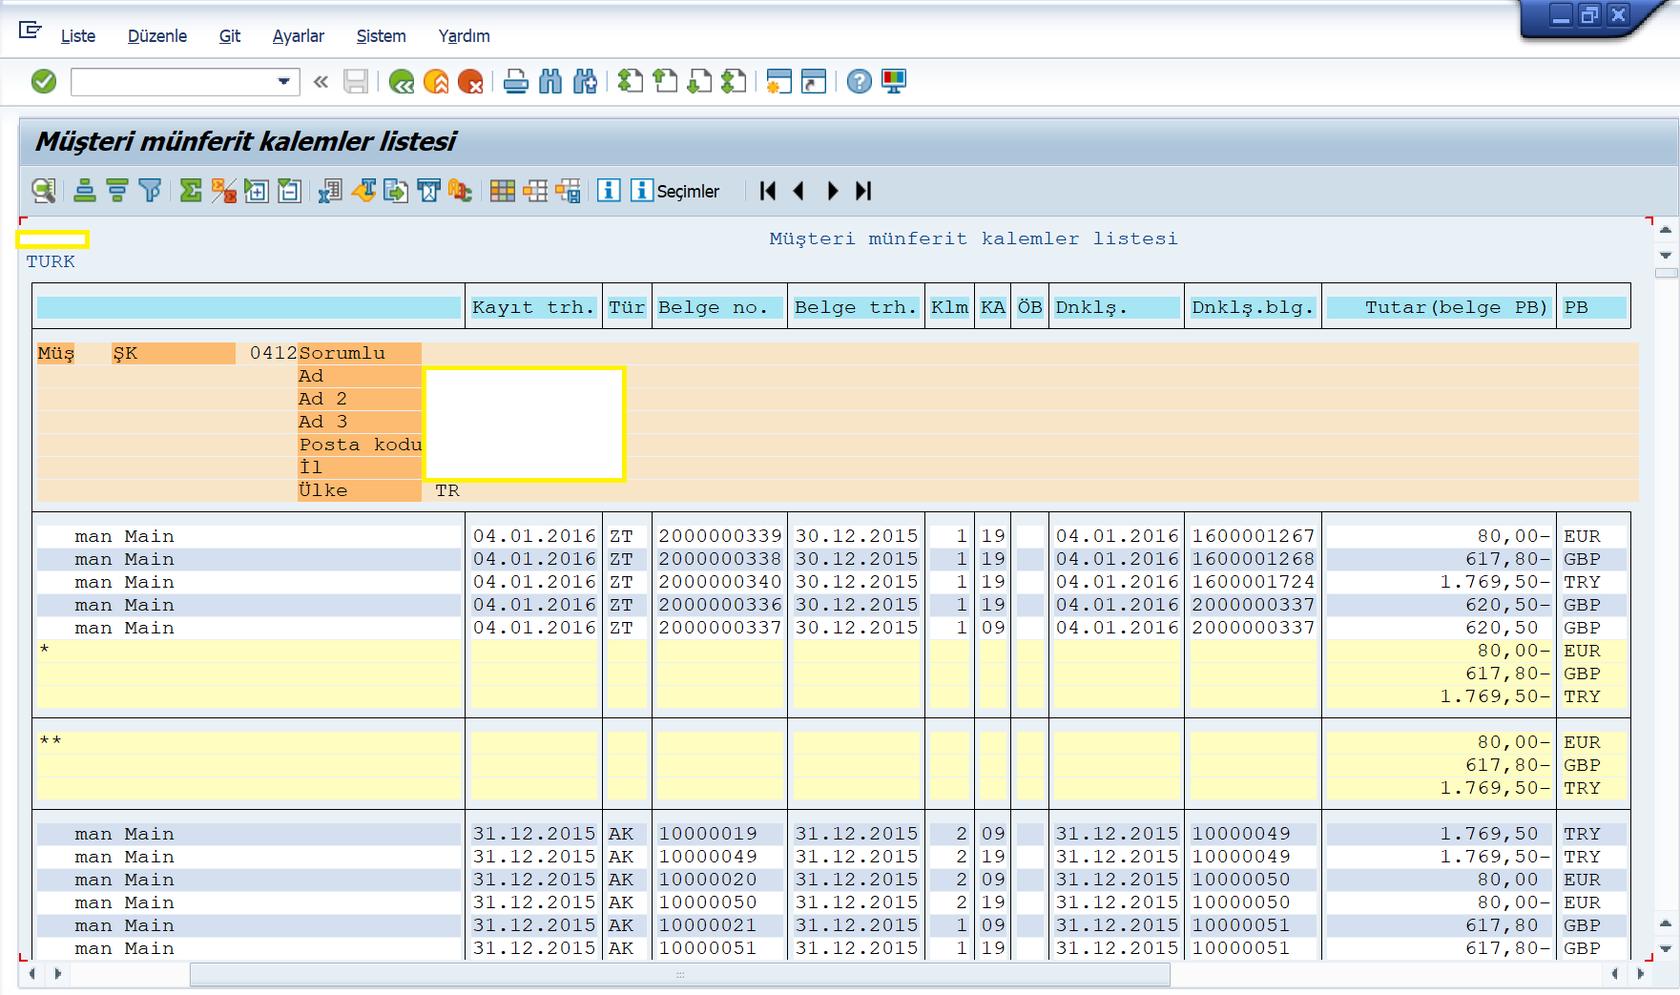 SAP FI (Finans) Modülü Raporları